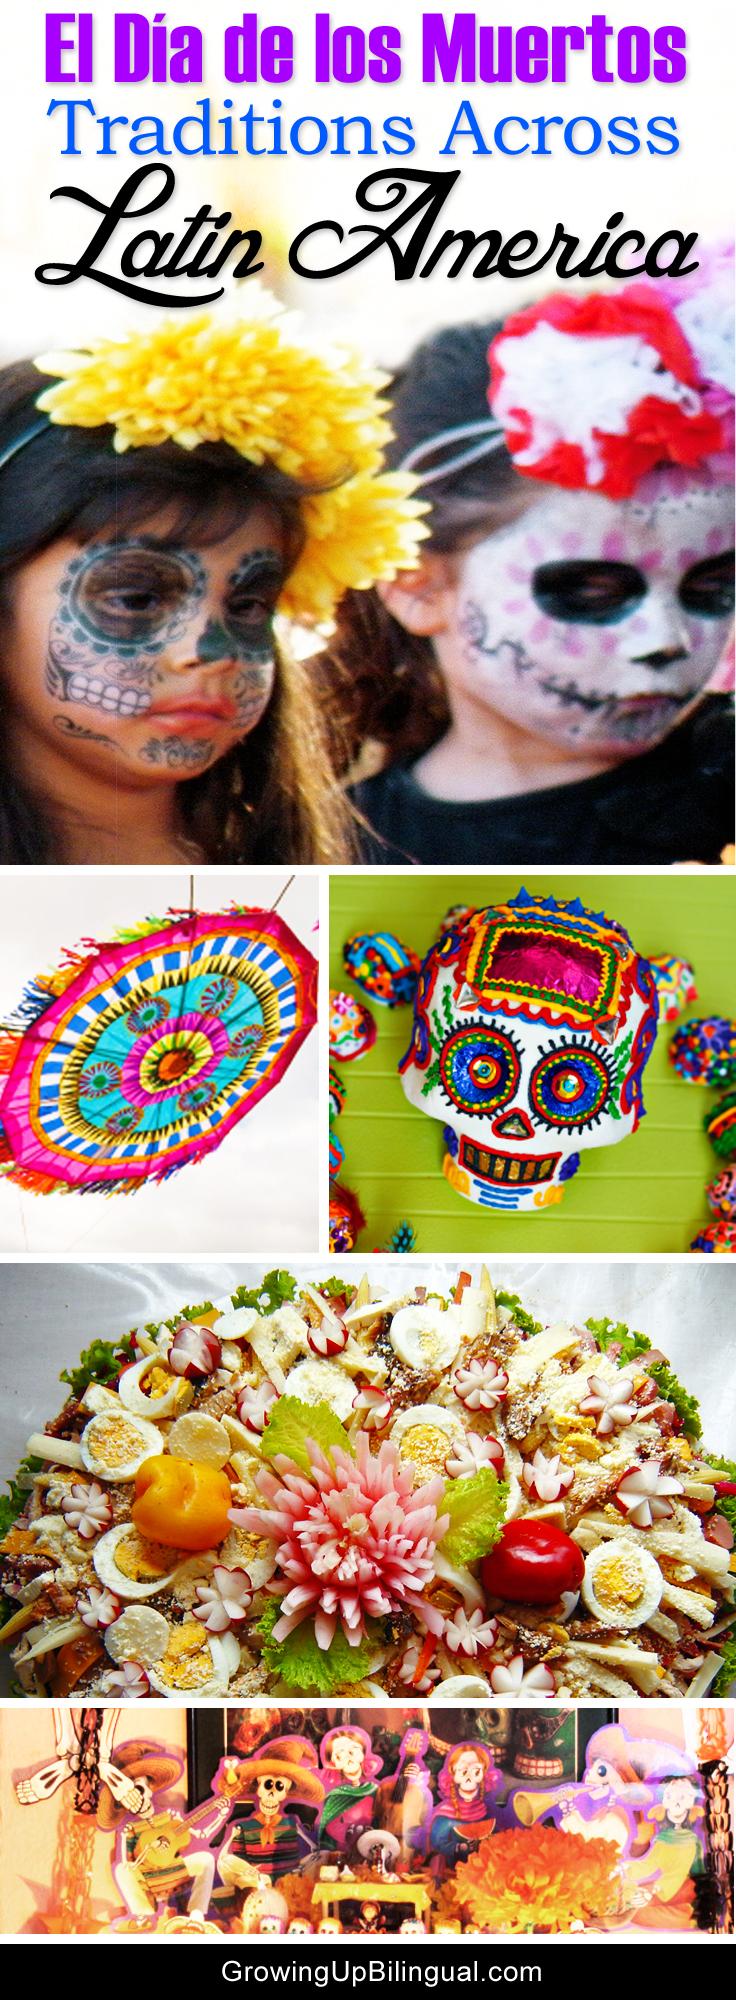 Dia de los Muertos traditions in Latin America collage